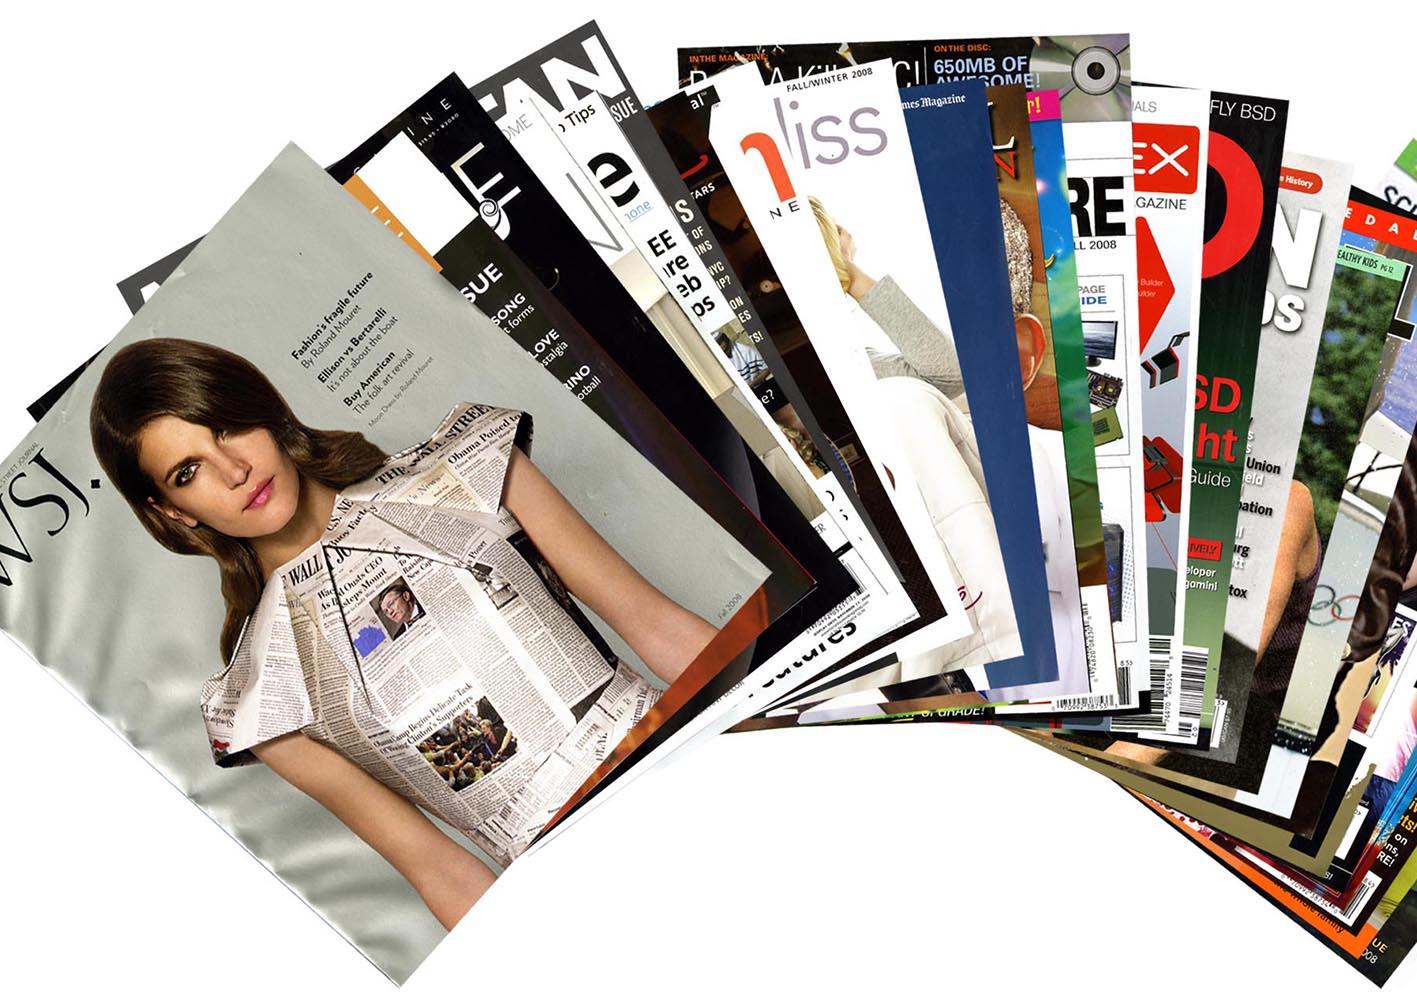 In sách, tạp chí, tập san cho các doanh nghiệp trong khu vực